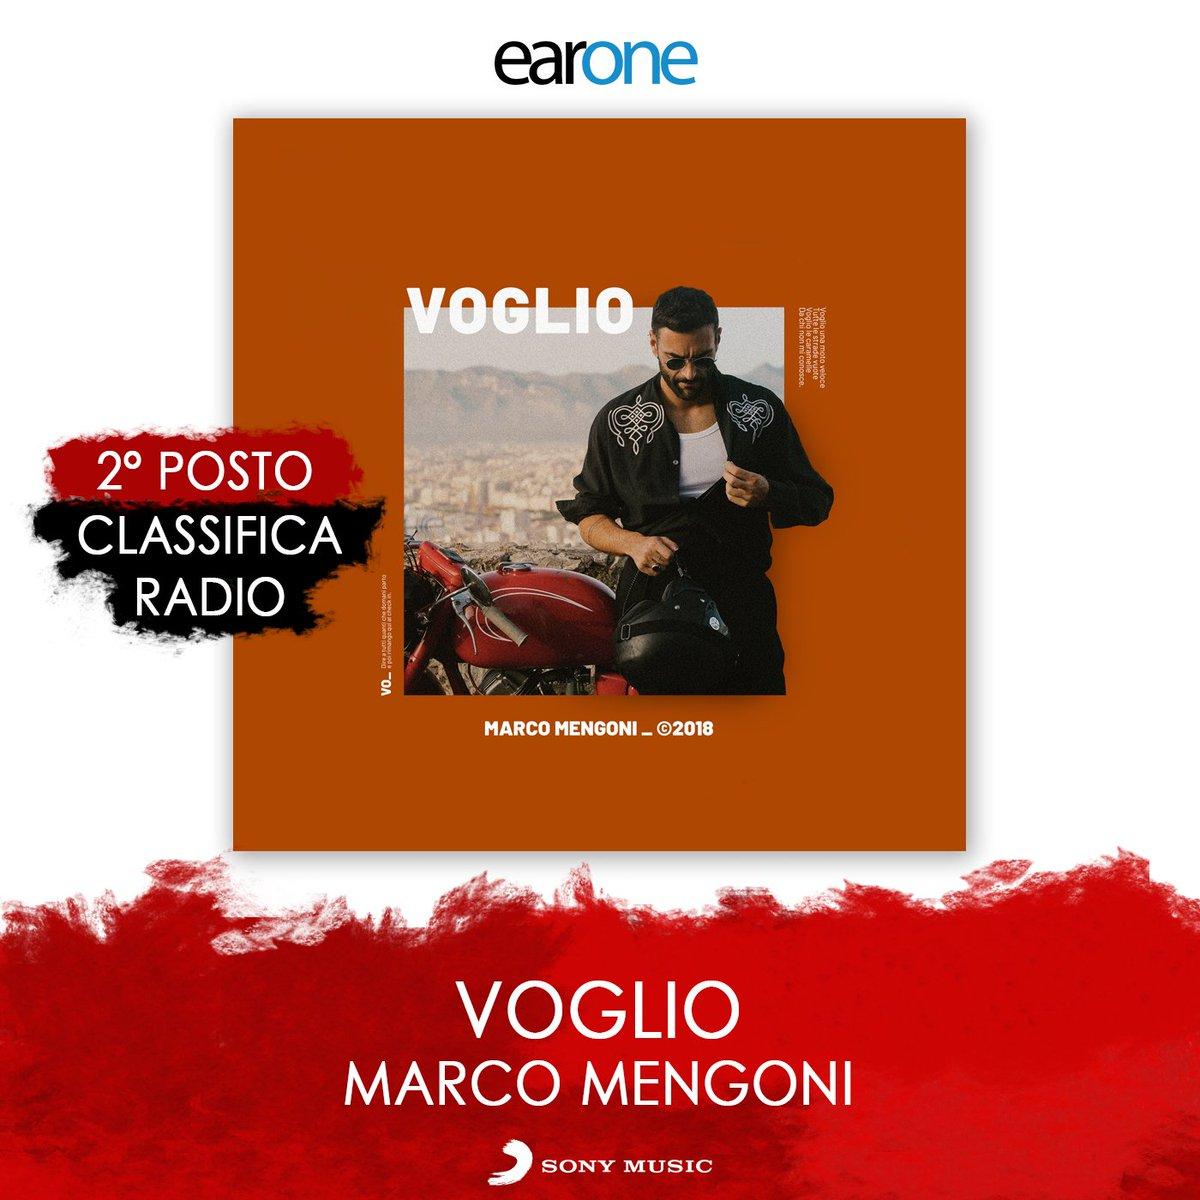 Voglio una moto veloce 🏍️ tutte le strade vuote 💥 #Voglio di @mengonimarco è la seconda canzone più trasmessa dalle radio 👏👏